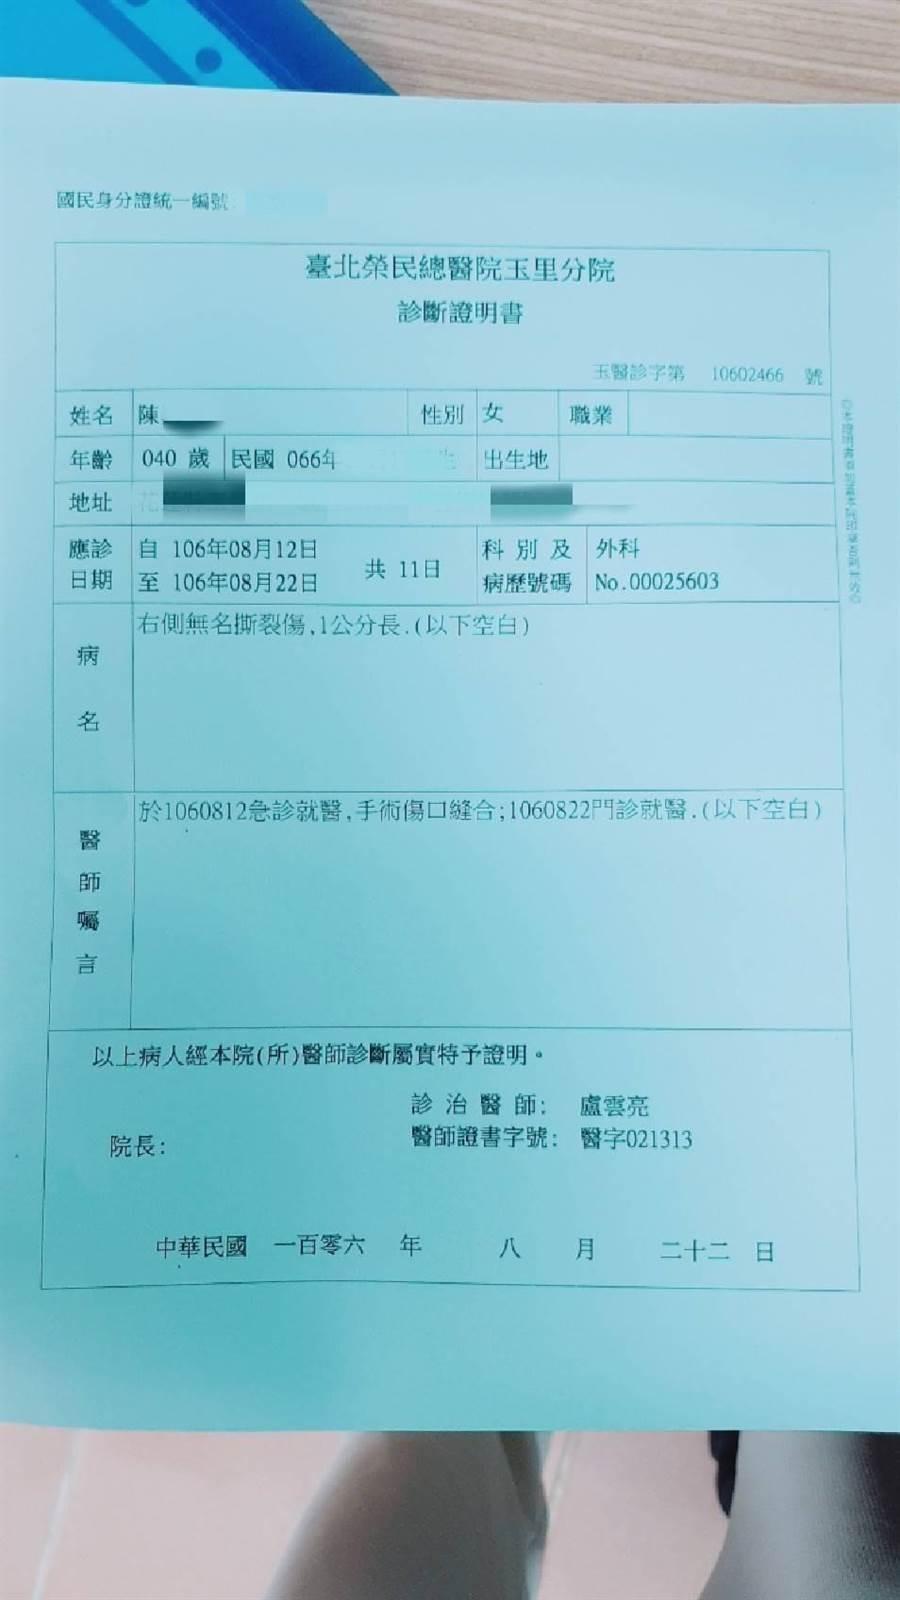 劉姓員警妻子出示2年前驗傷單,怒控劉警家暴行為已非第一次。(許家寧翻攝)